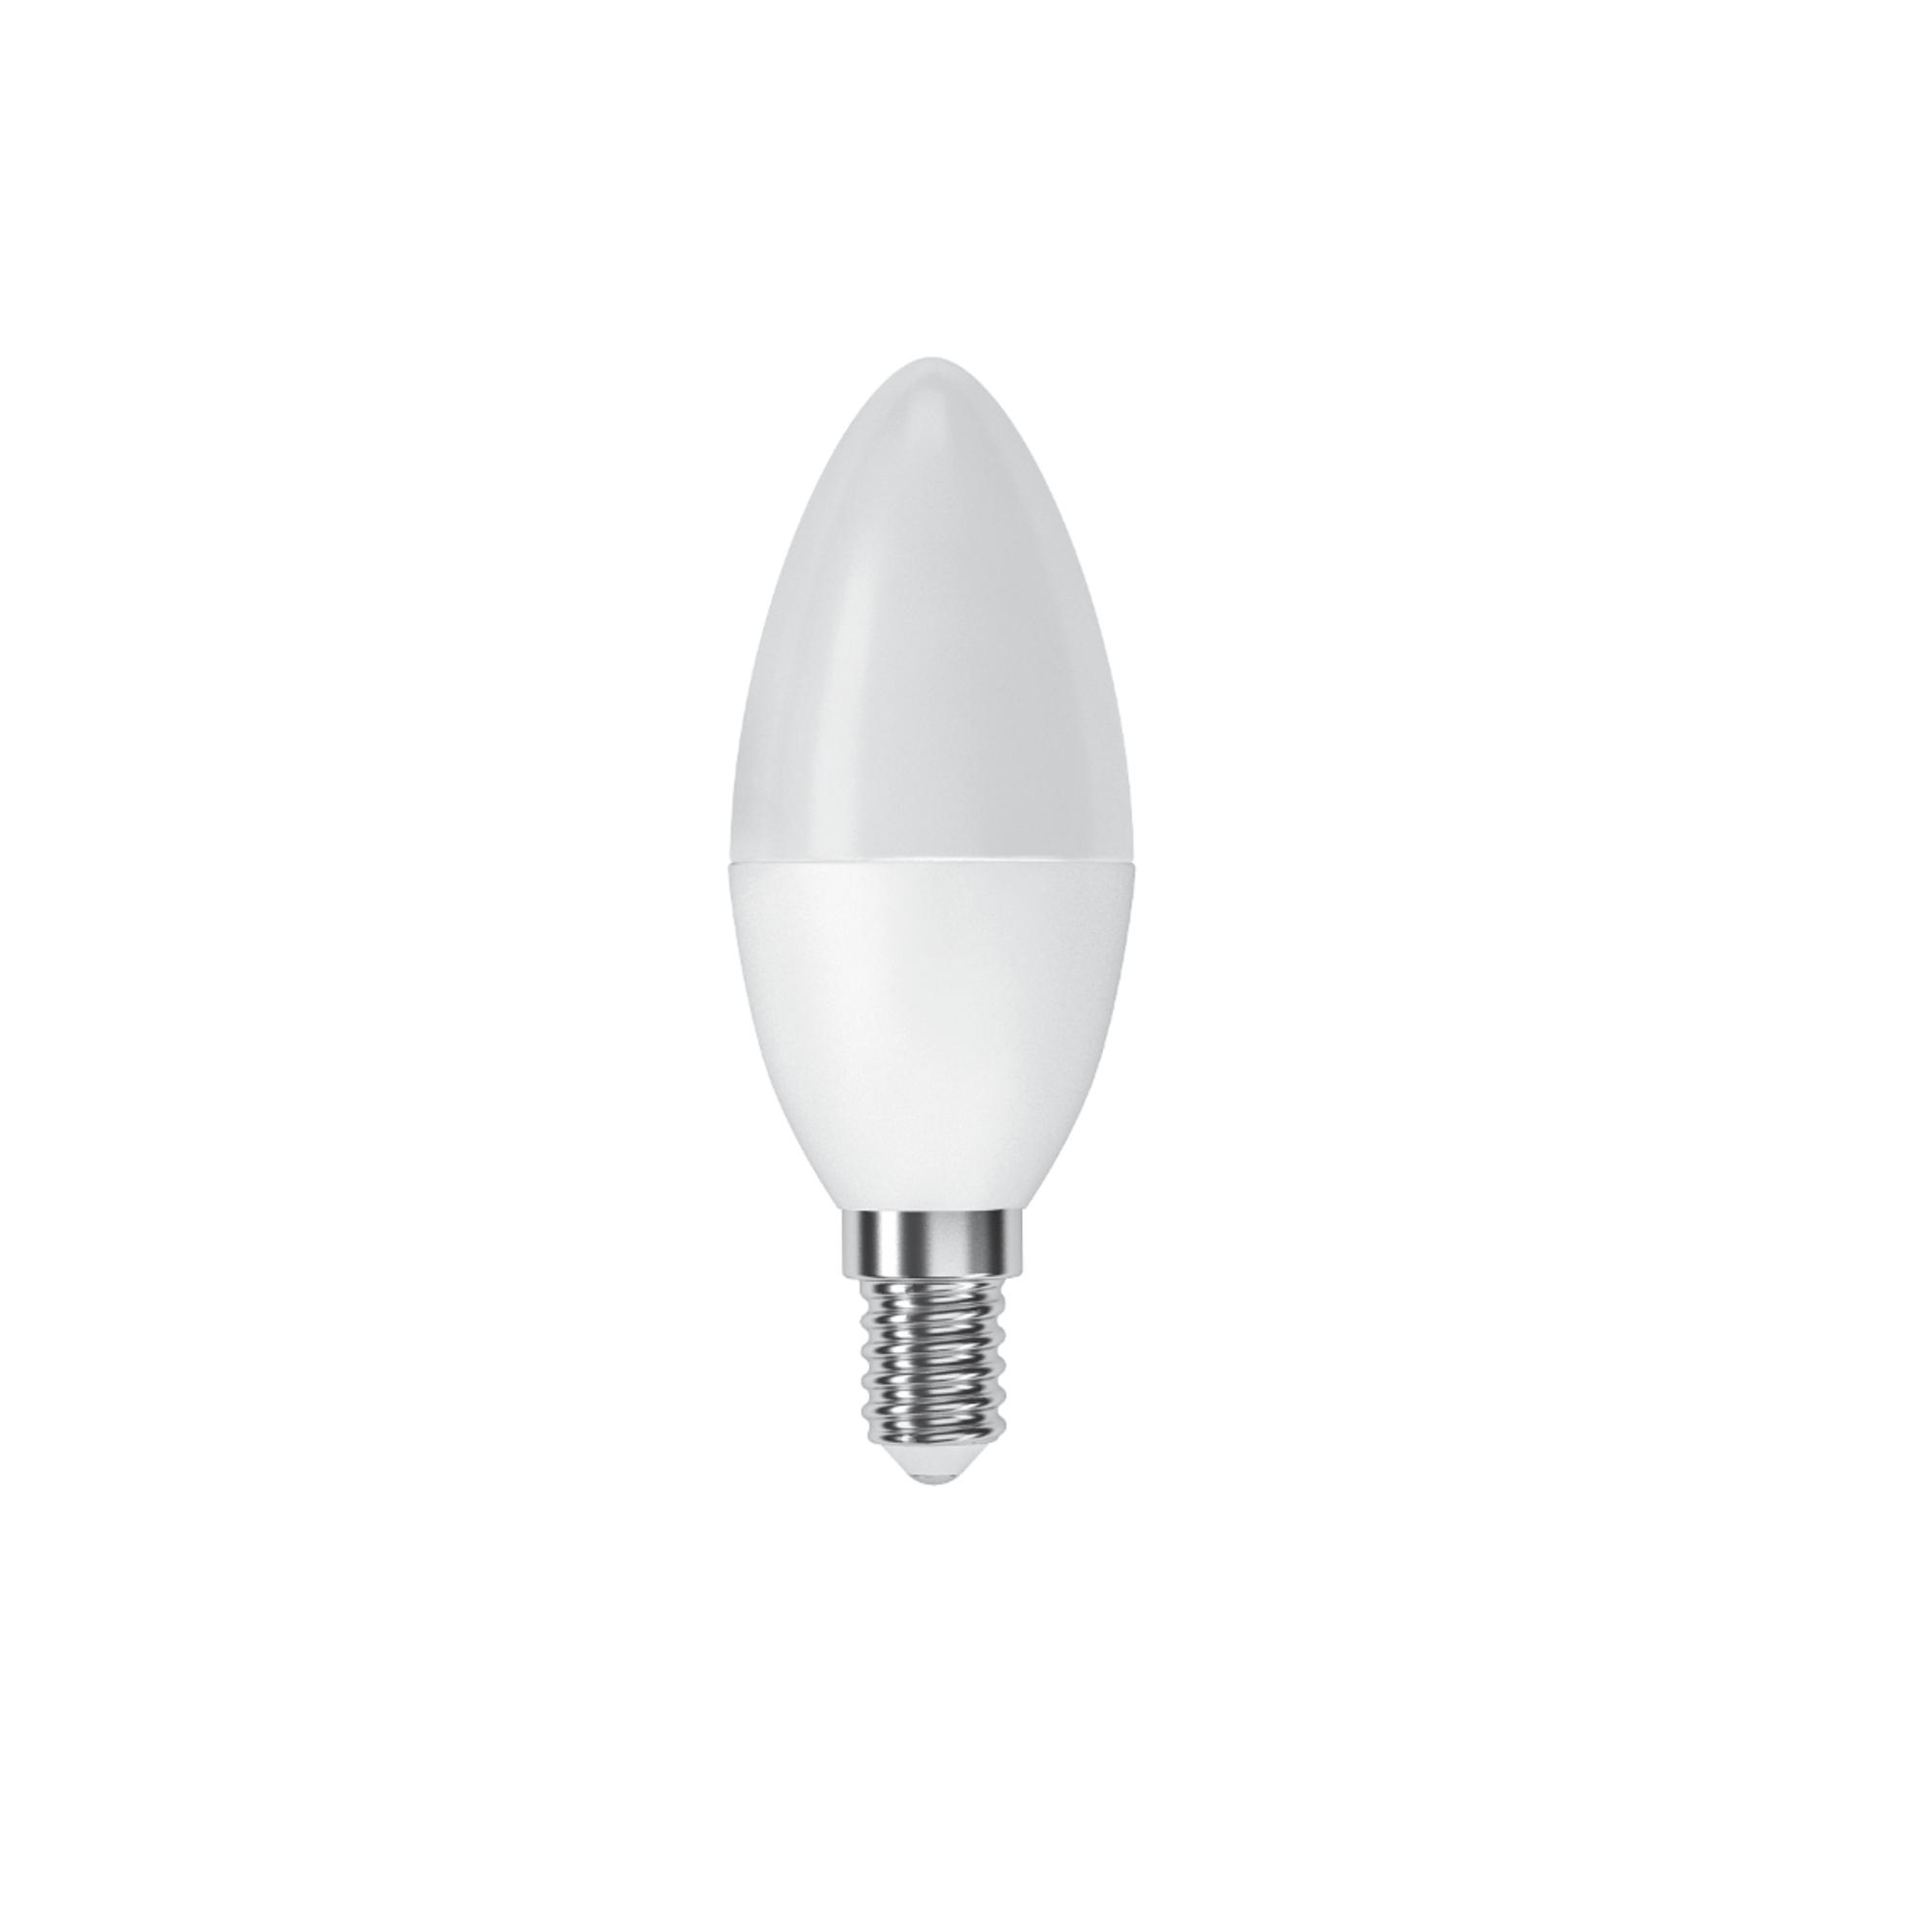 Светодиодная лампочка Фотон 23398 E14 545 Лм 6 Вт